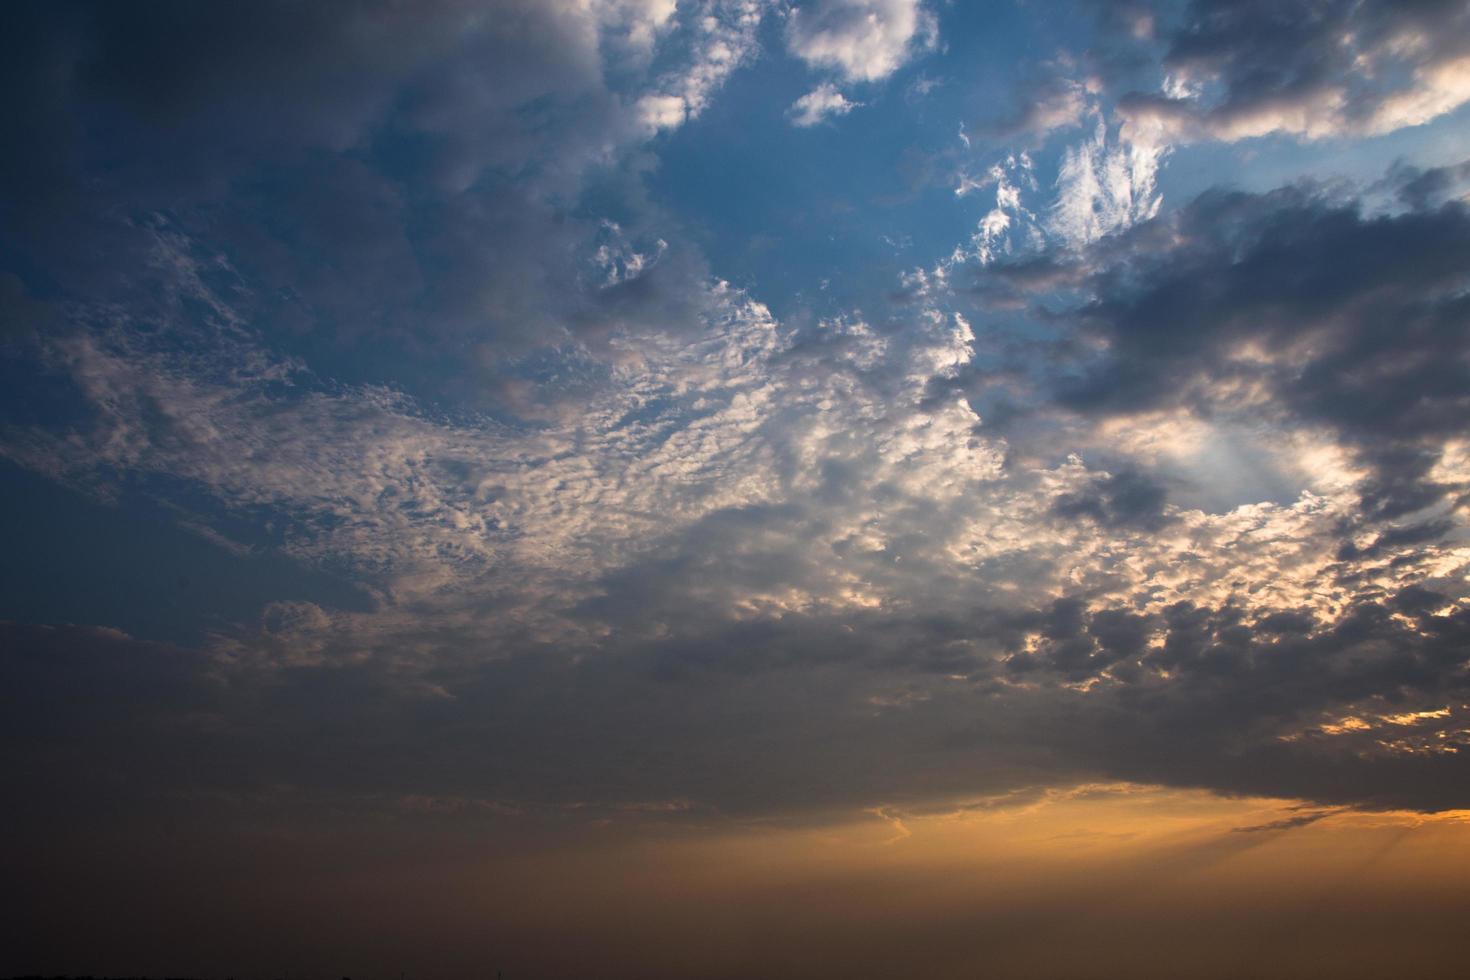 der Himmel und die Wolken bei Sonnenuntergang foto